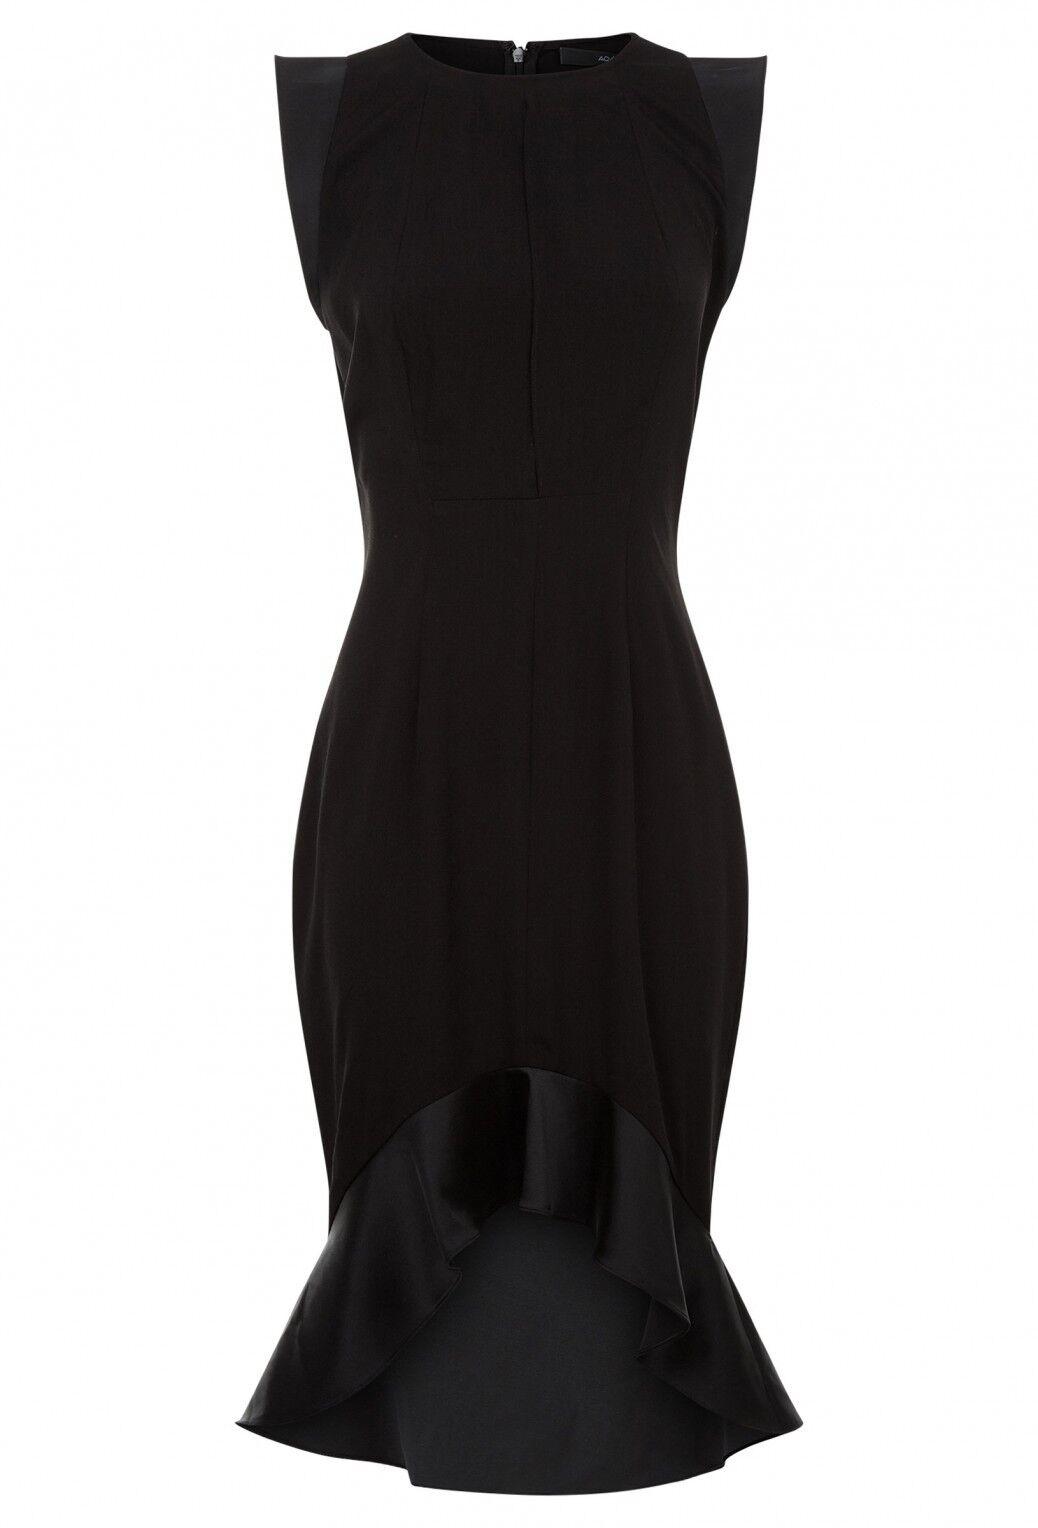 AQ AQ Pierre Frill Hem Mini Dress Größe UK 14 schwarz LF077 ii 16